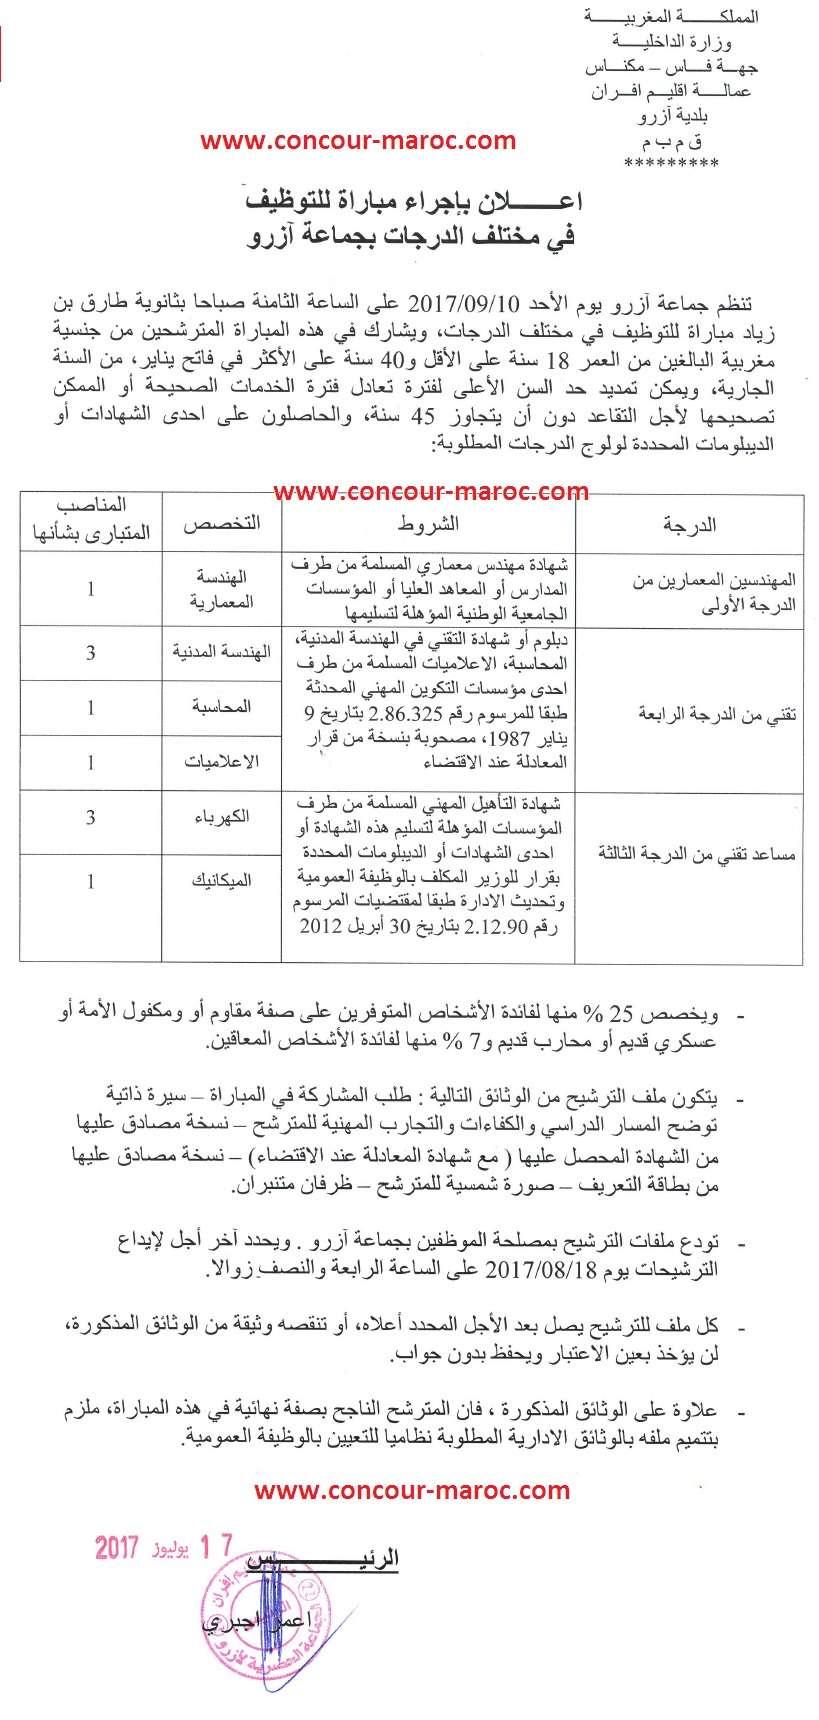 بلدية آزرو (إقليم افران) : مباراة للتوظيف 10 مناصب في مختلف الدرجات آخر أجل لإيداع الترشيحات 18 غشت 2017 Concou24